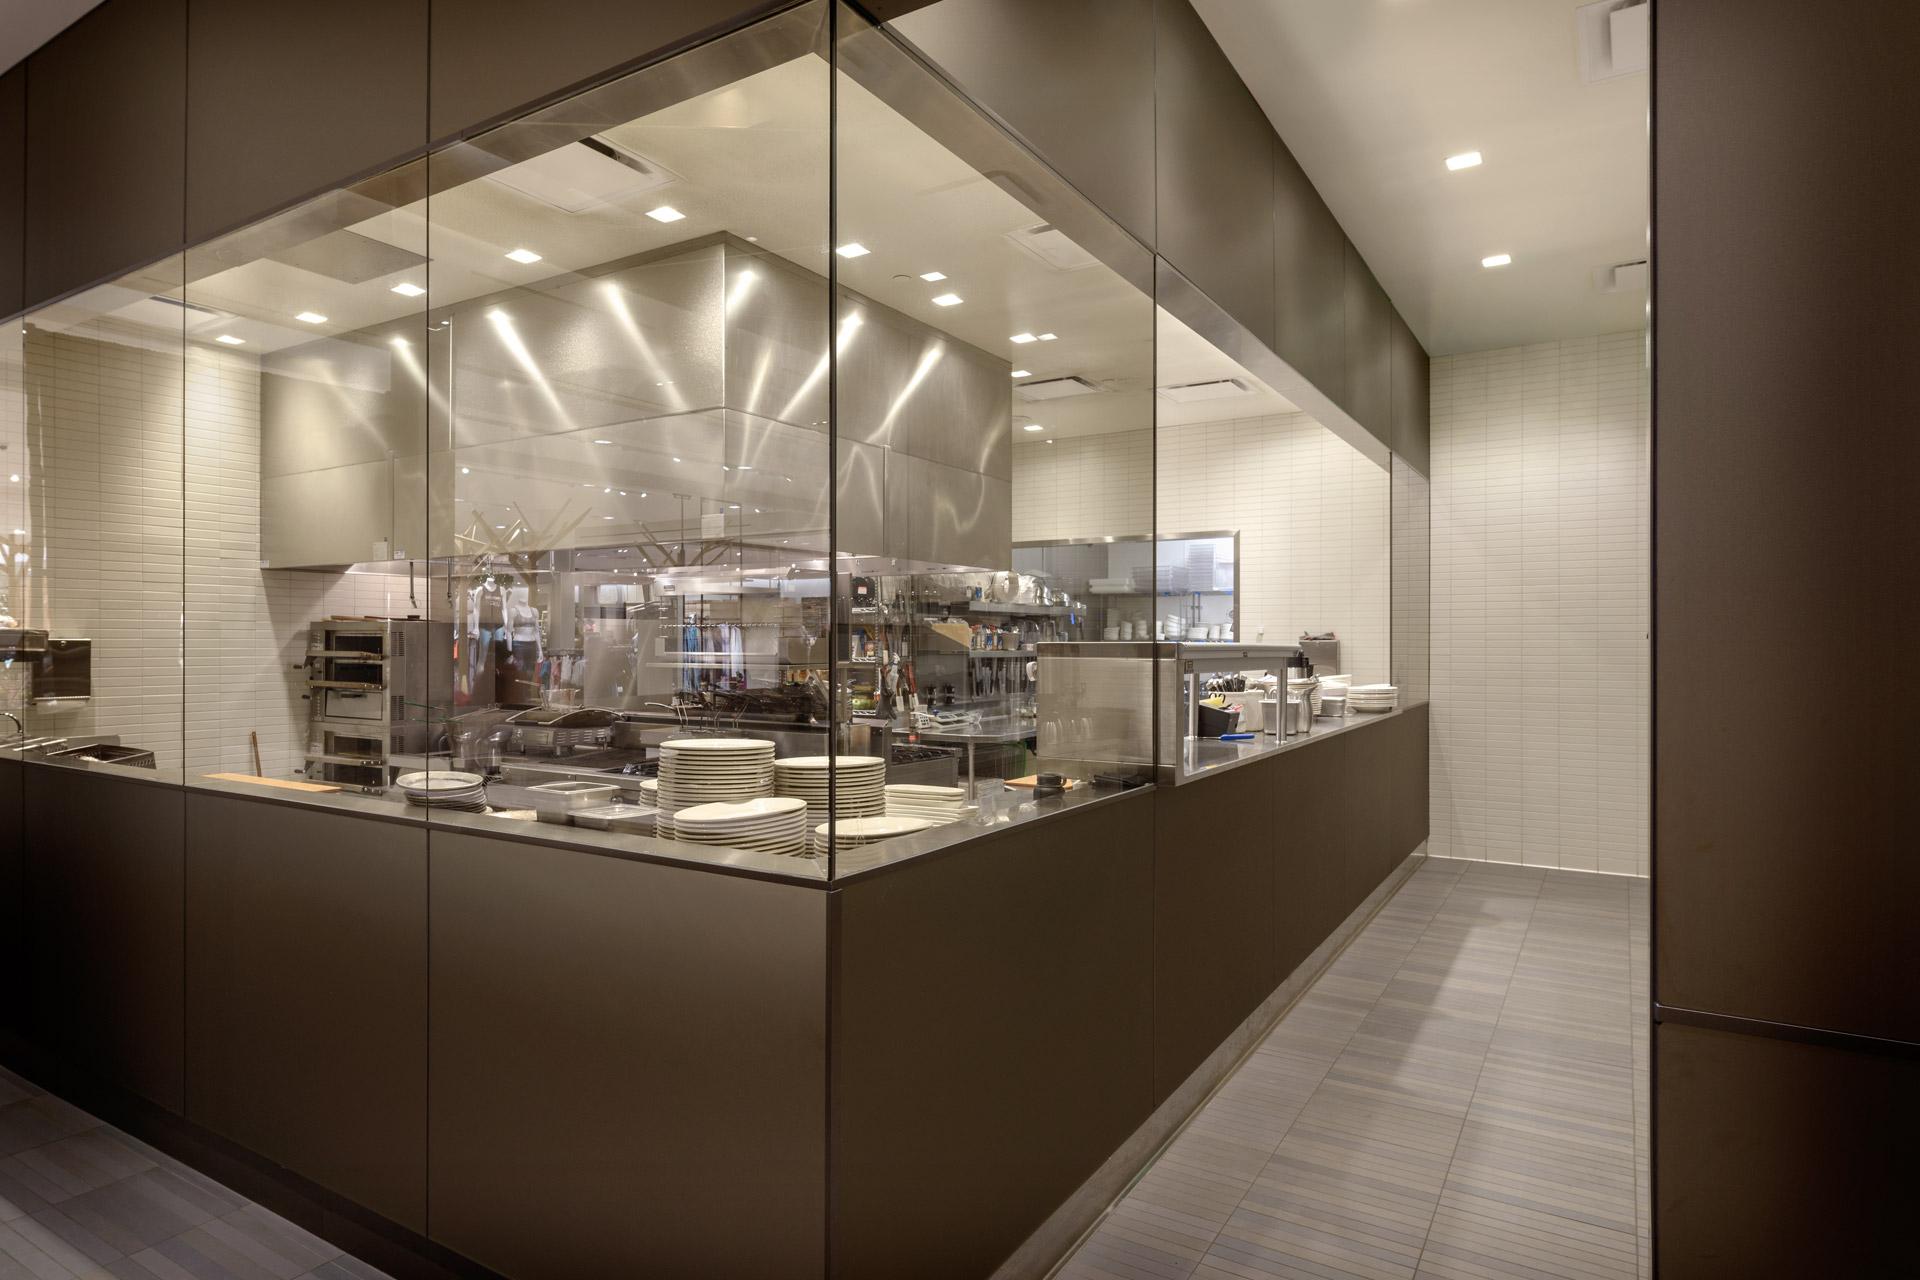 Bazille at Nordstrom del Amo restaurant interiors